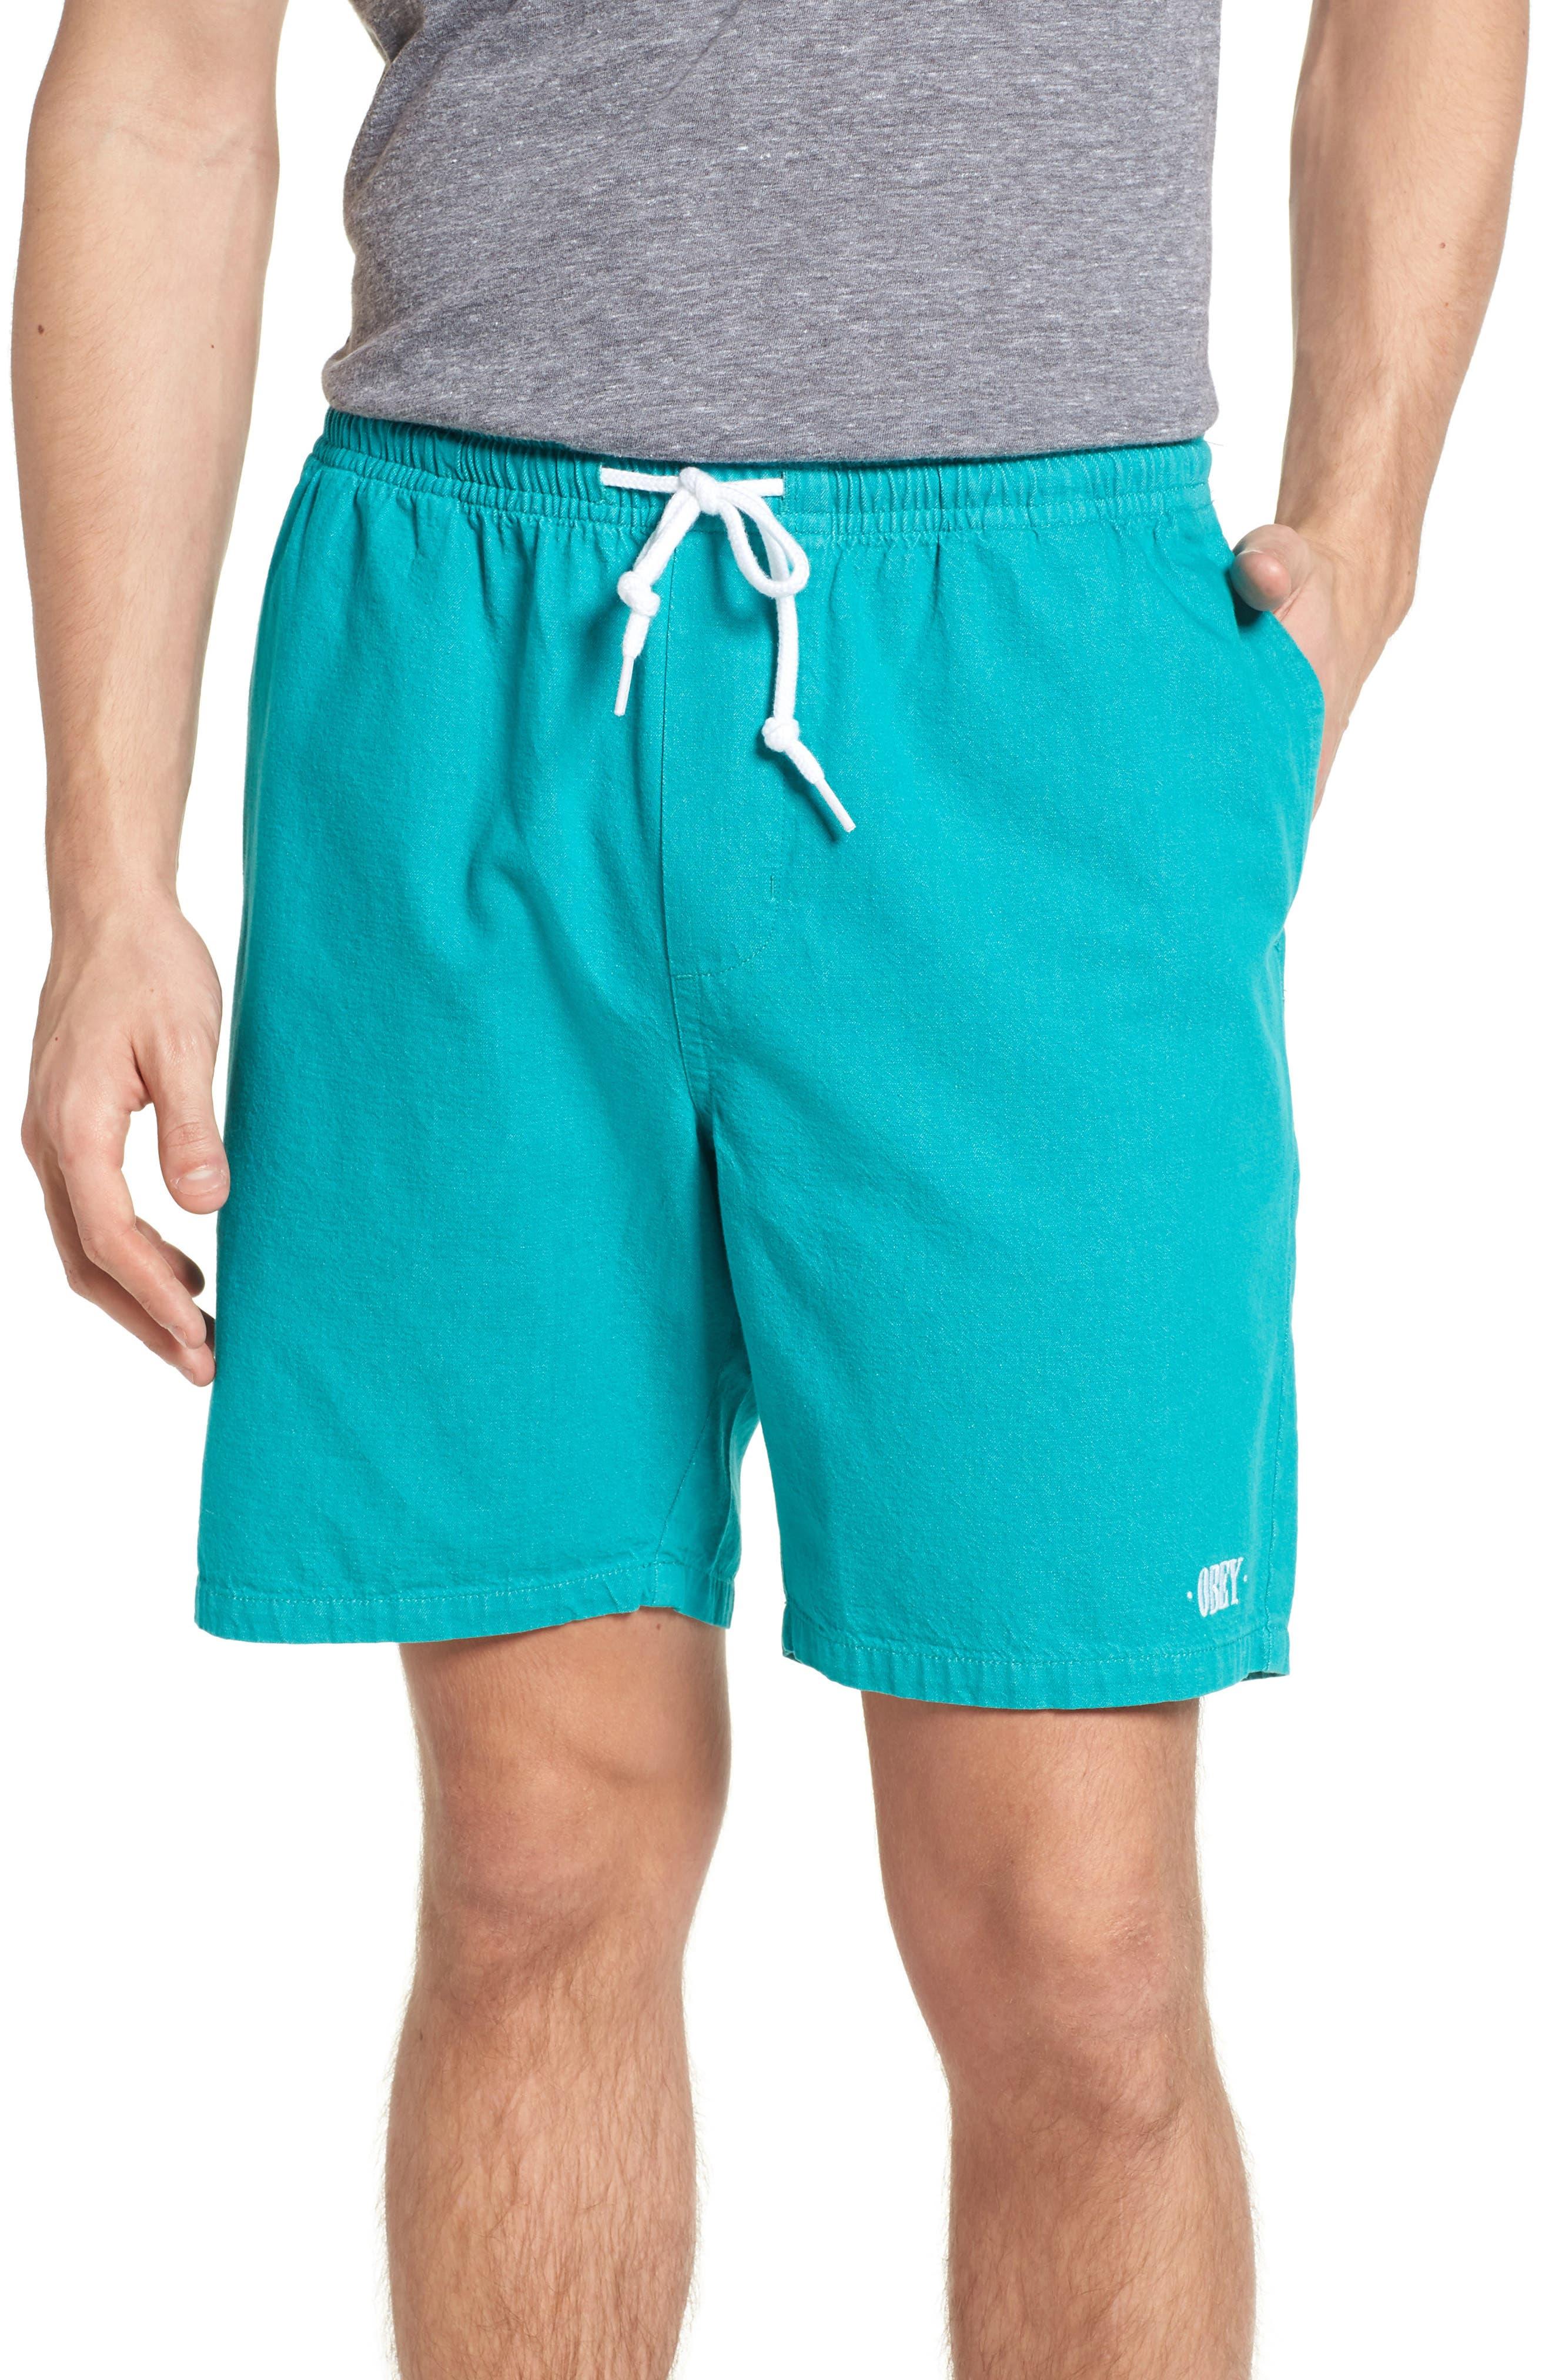 Keble Drawstring Shorts,                         Main,                         color, Teal